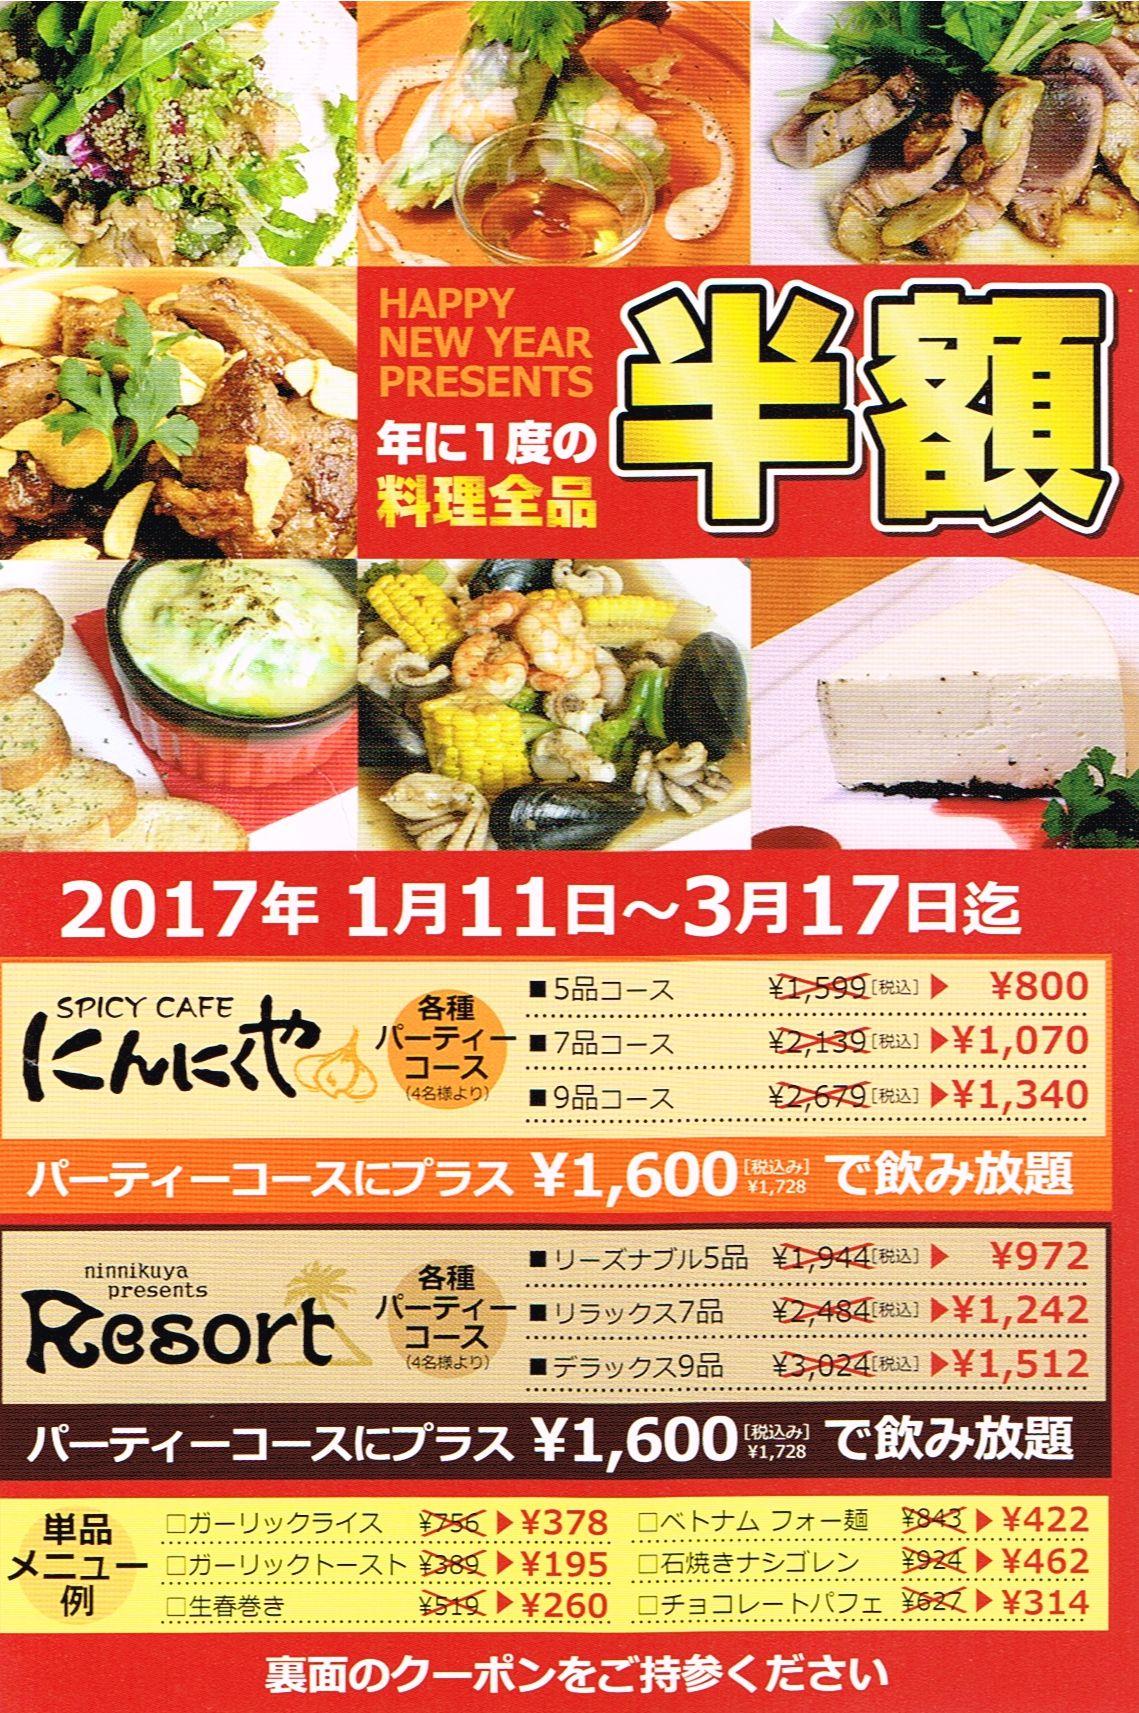 「にんにくや」からHappy New Near Presents 料理全品半額!!